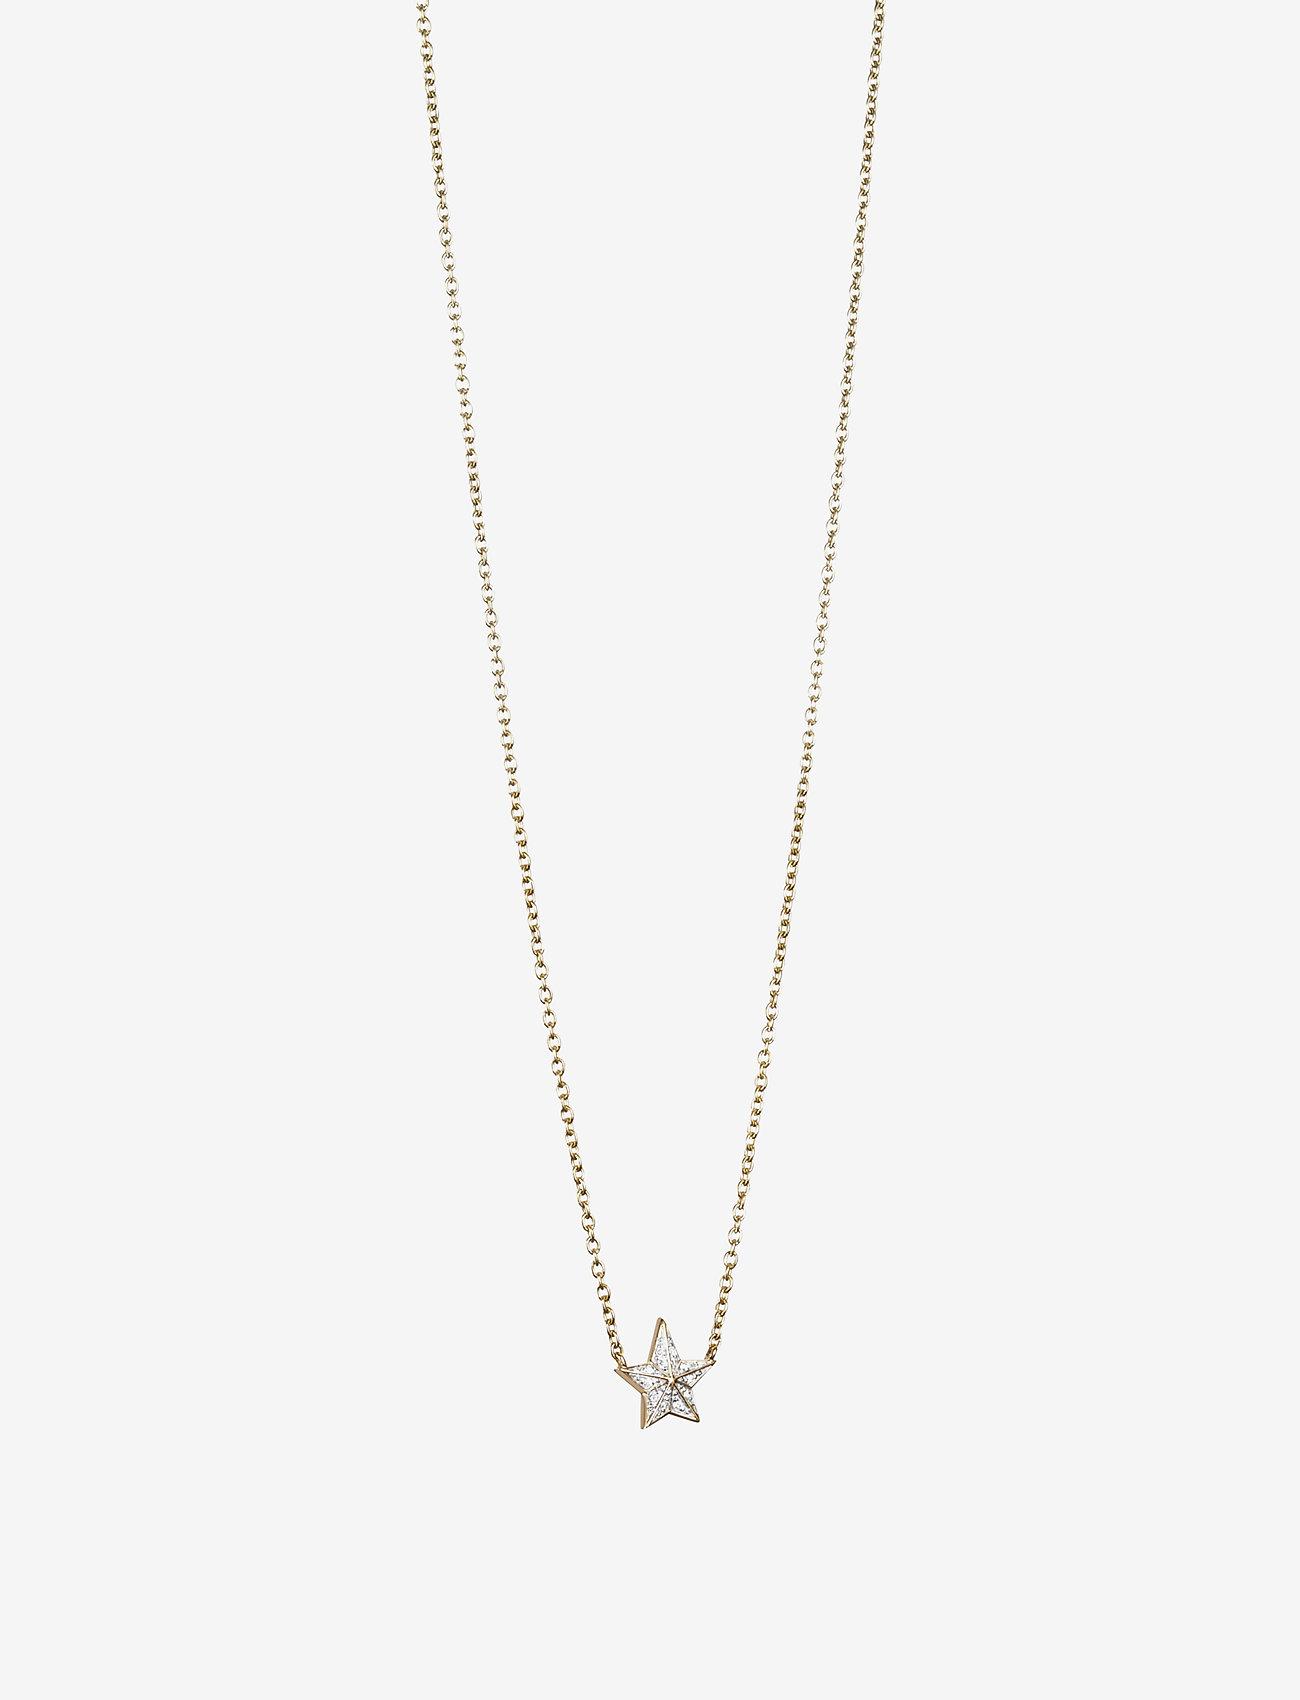 Catch A Falling Star & Stars Necklace (Gold) (1167 €) - Efva Attling GSvGA